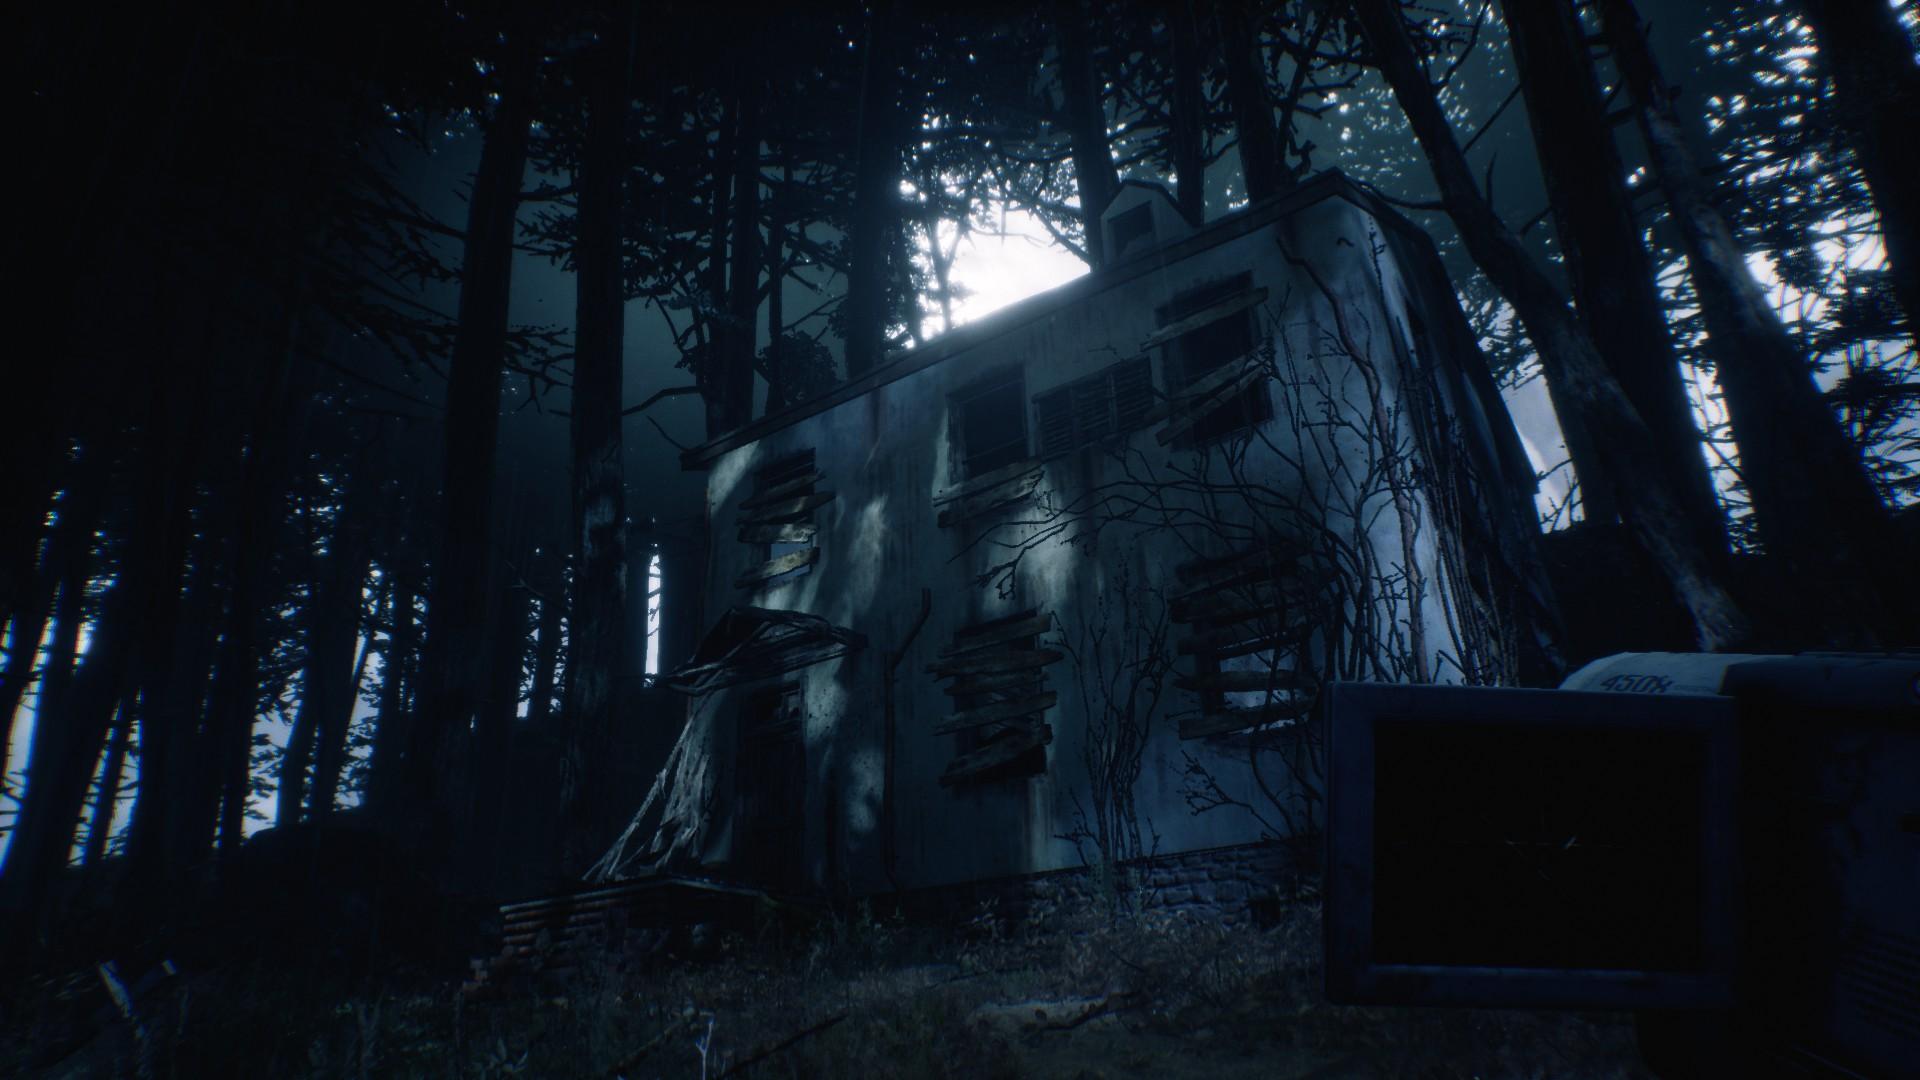 Une inquiétante maison dans les bois.